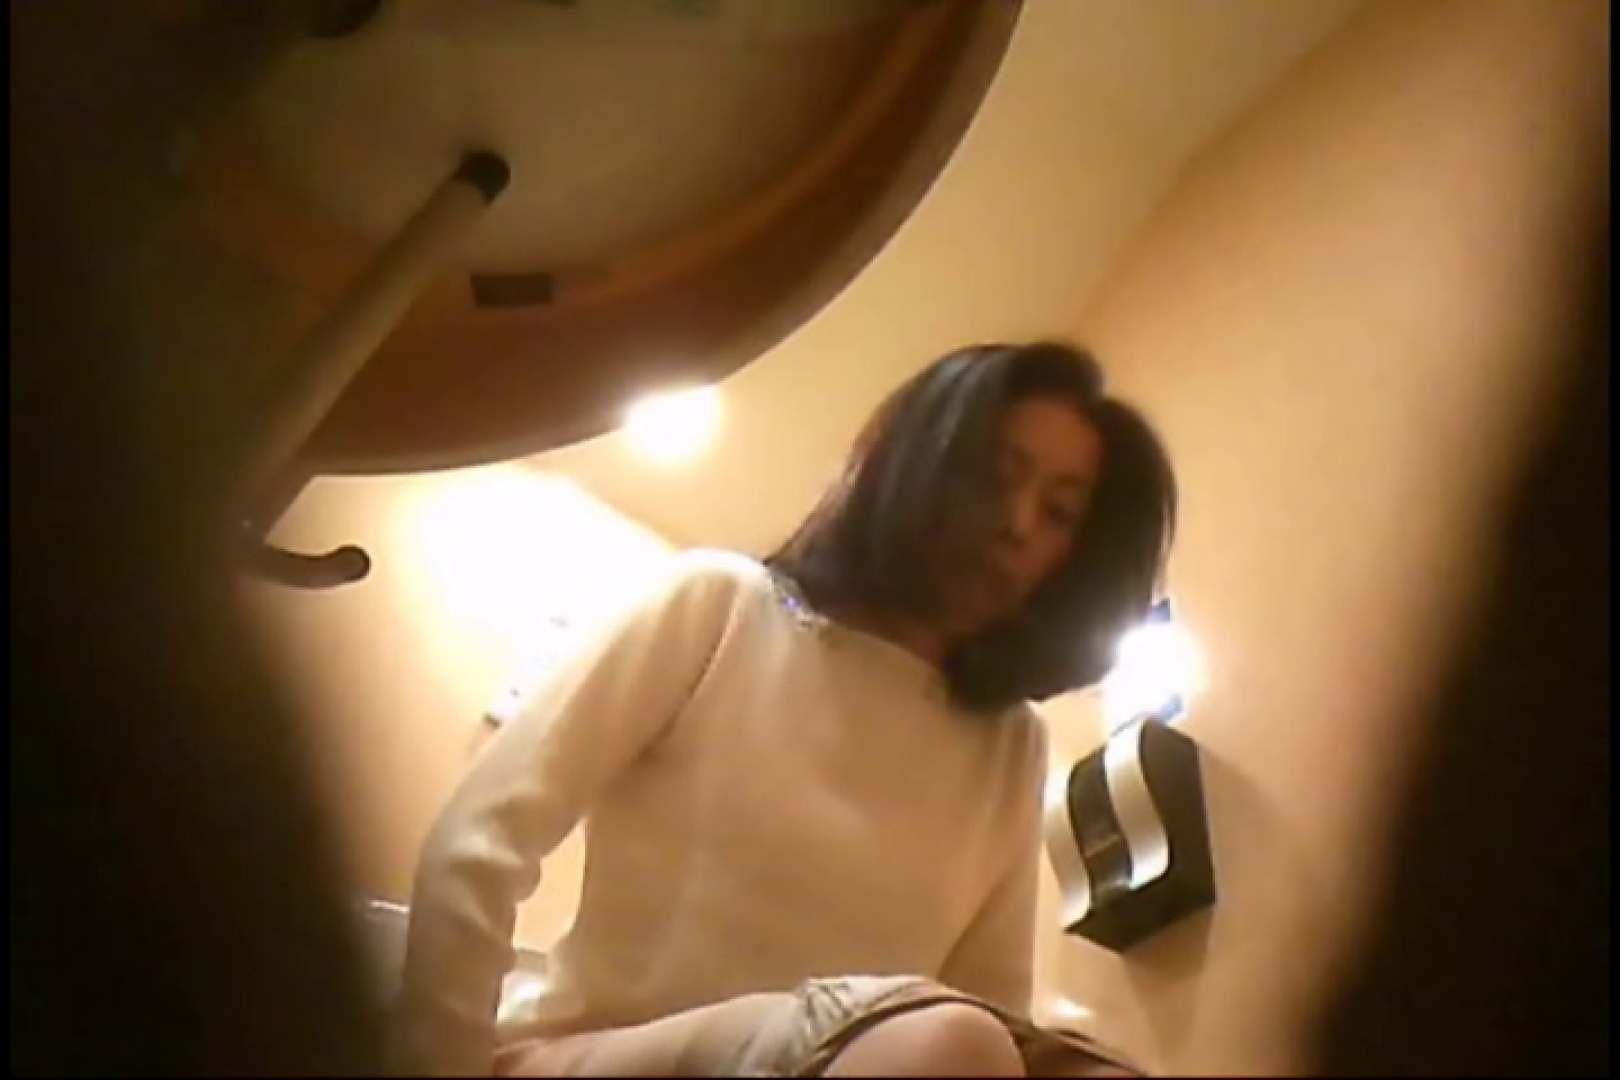 潜入!!女子化粧室盗撮~絶対見られたくない時間~vo,87 お尻 AV無料動画キャプチャ 96連発 89